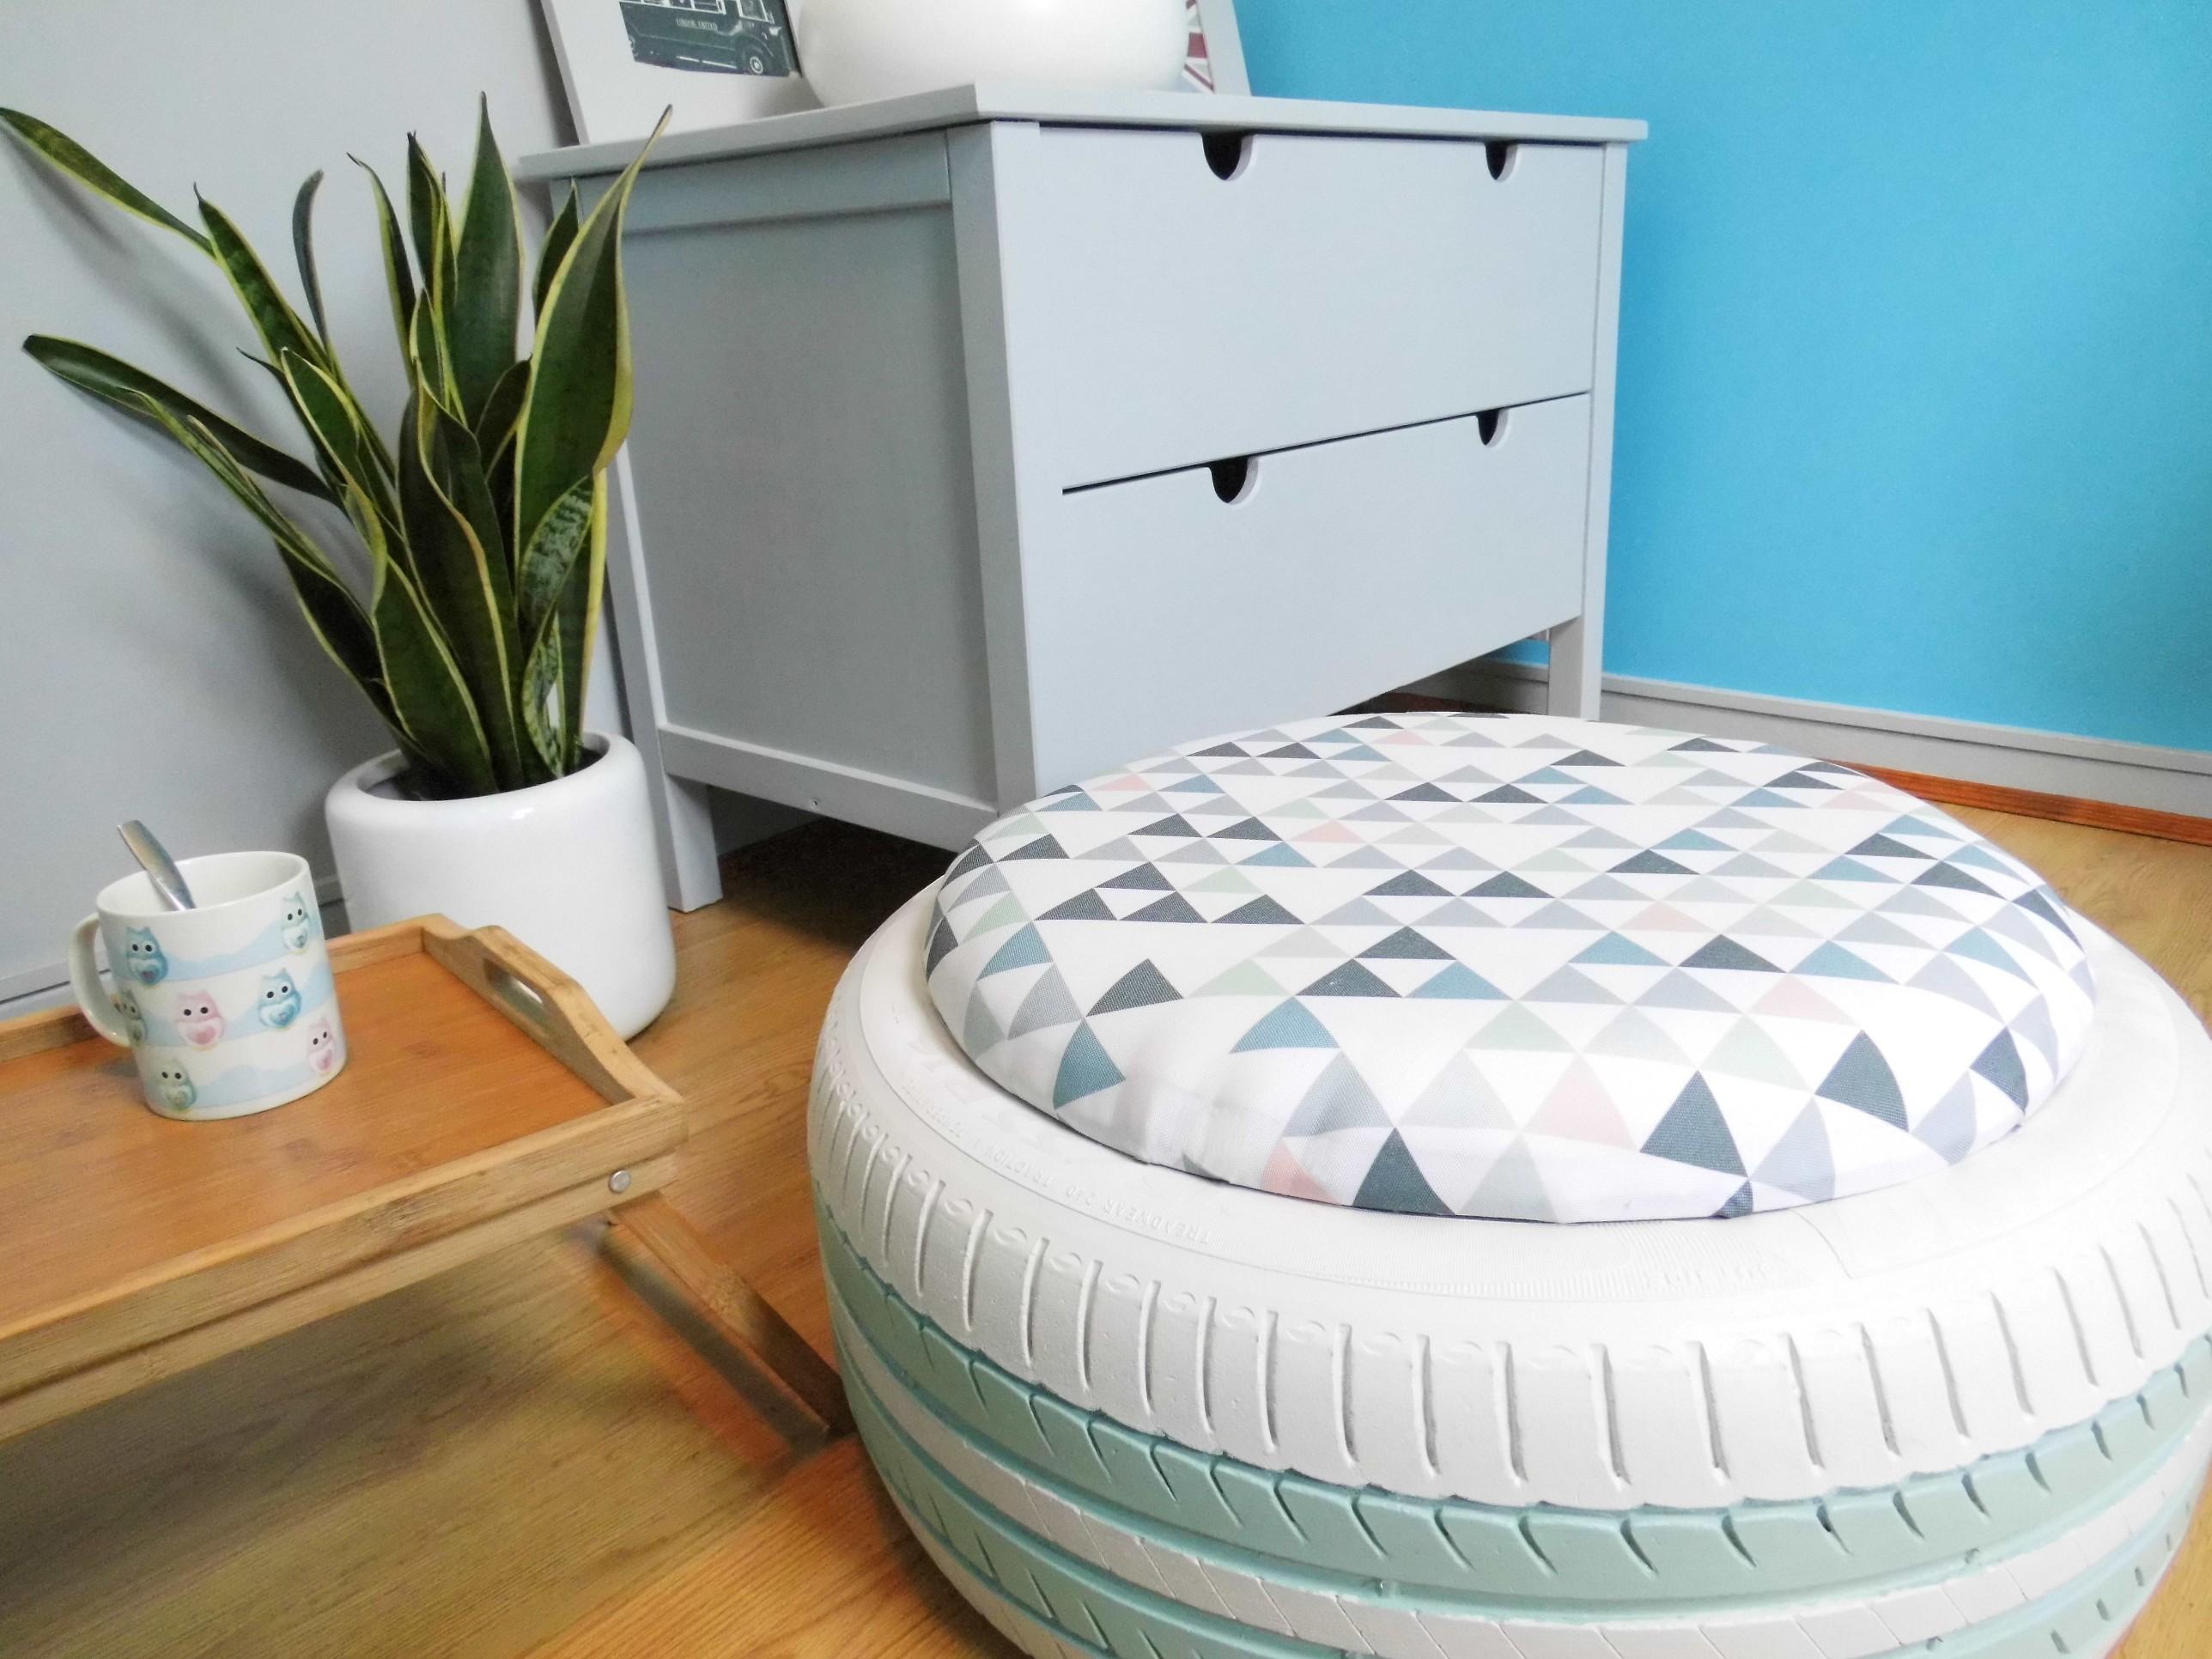 diy le pnouf ou comment fabriquer un pouf avec un pneu le blog qui r veille les vieux meubles. Black Bedroom Furniture Sets. Home Design Ideas